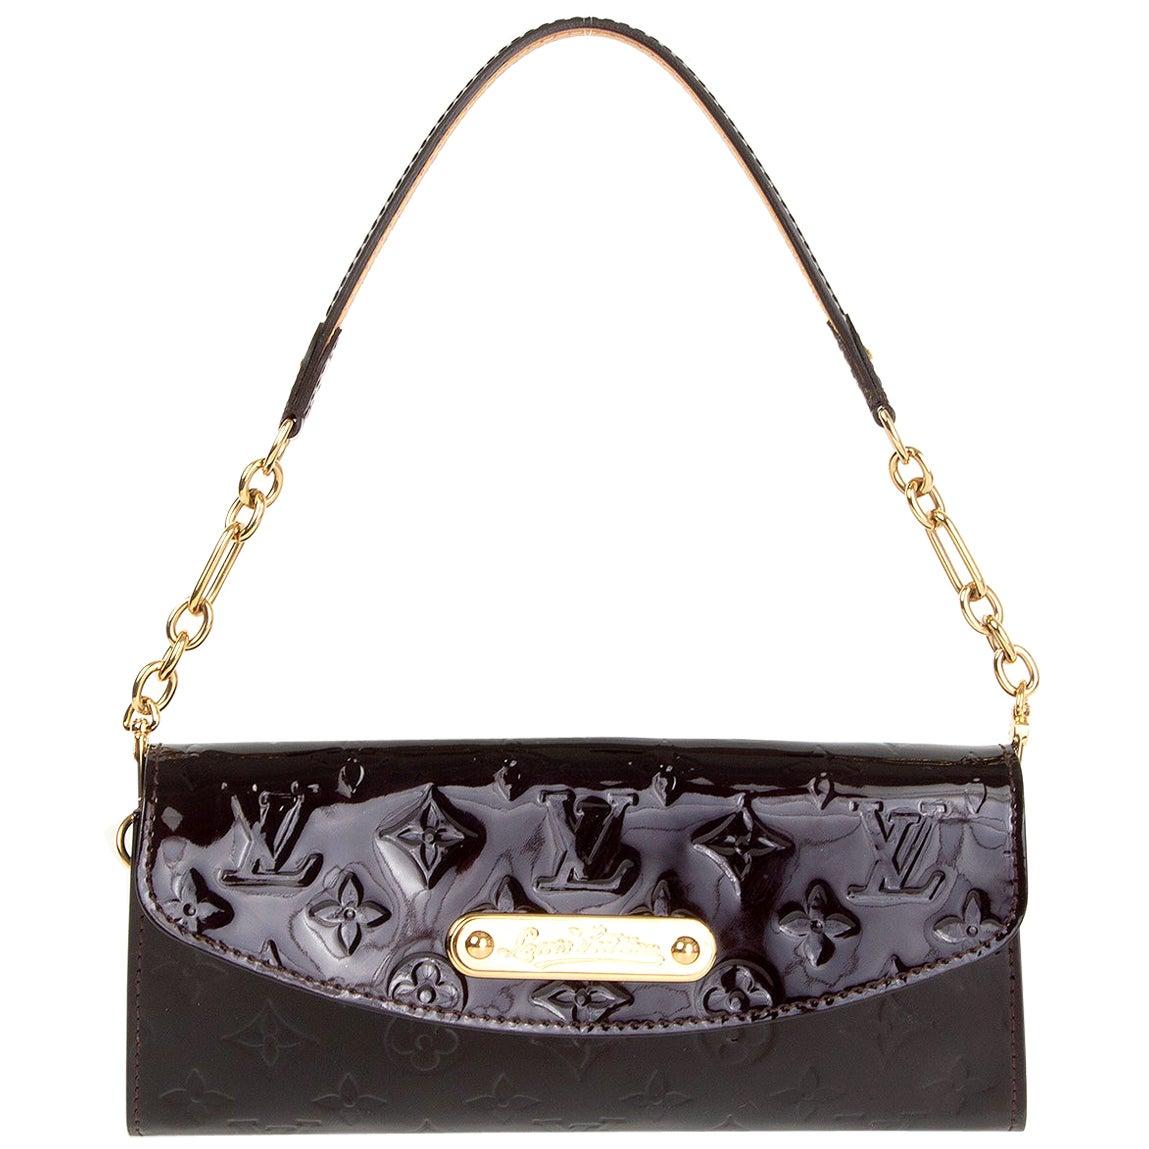 LOUIS VUITTON purple Monogram Vernis SUNSET BLVD Amarante Shoulder Bag